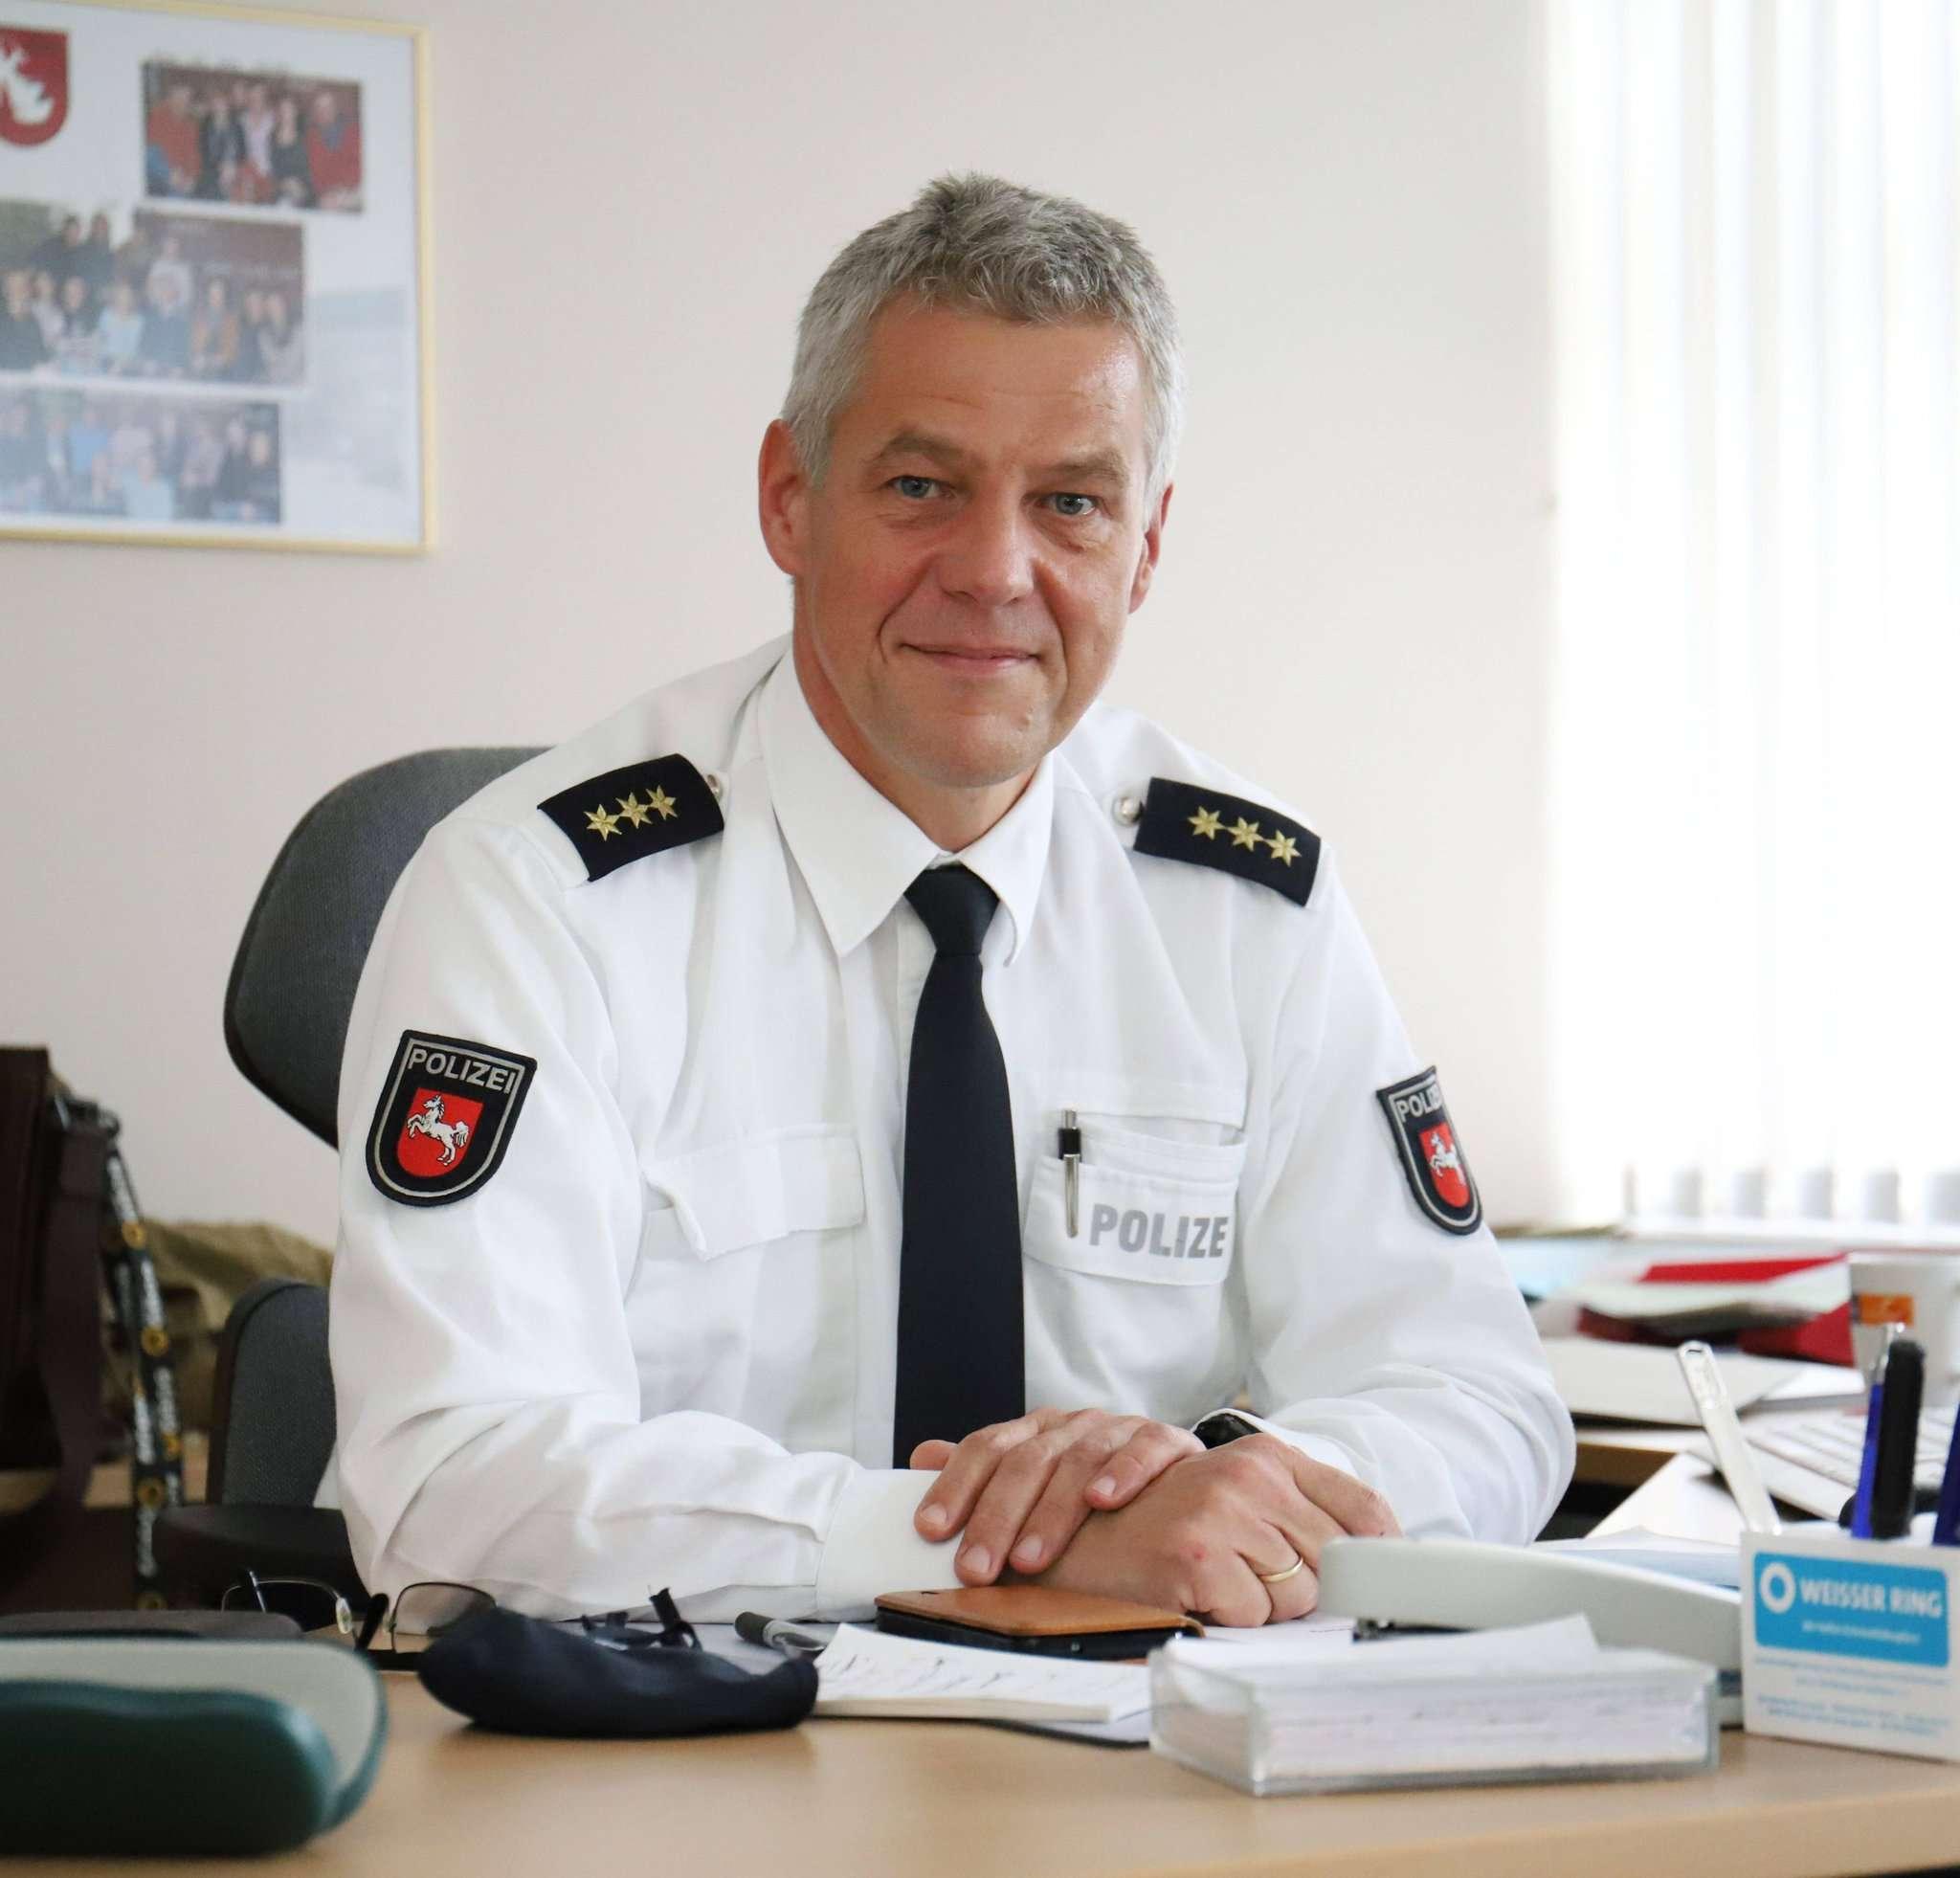 Torsten Oestmann, Leiter der Polizeiinspektion Rotenburg, möchte das Sicherheitsgefühl der Bürger stärken.